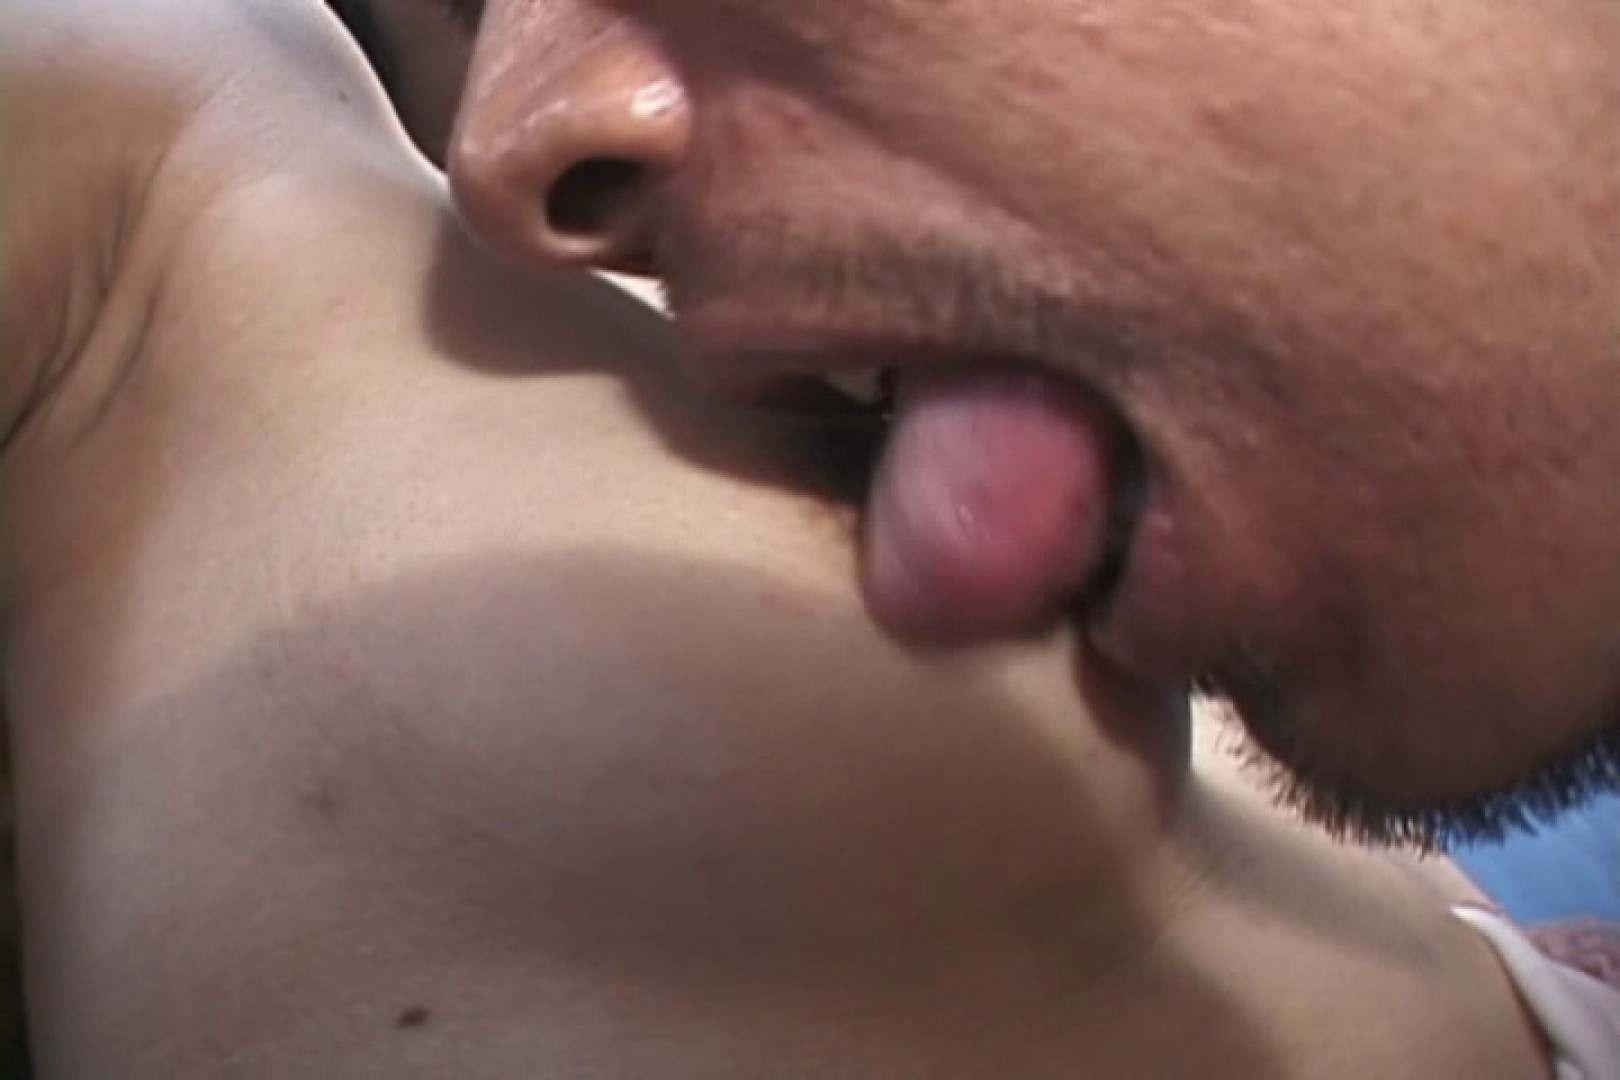 初めての撮影、涙の後には・・・~佳山玲子~ ローター 覗きおまんこ画像 109PIX 101